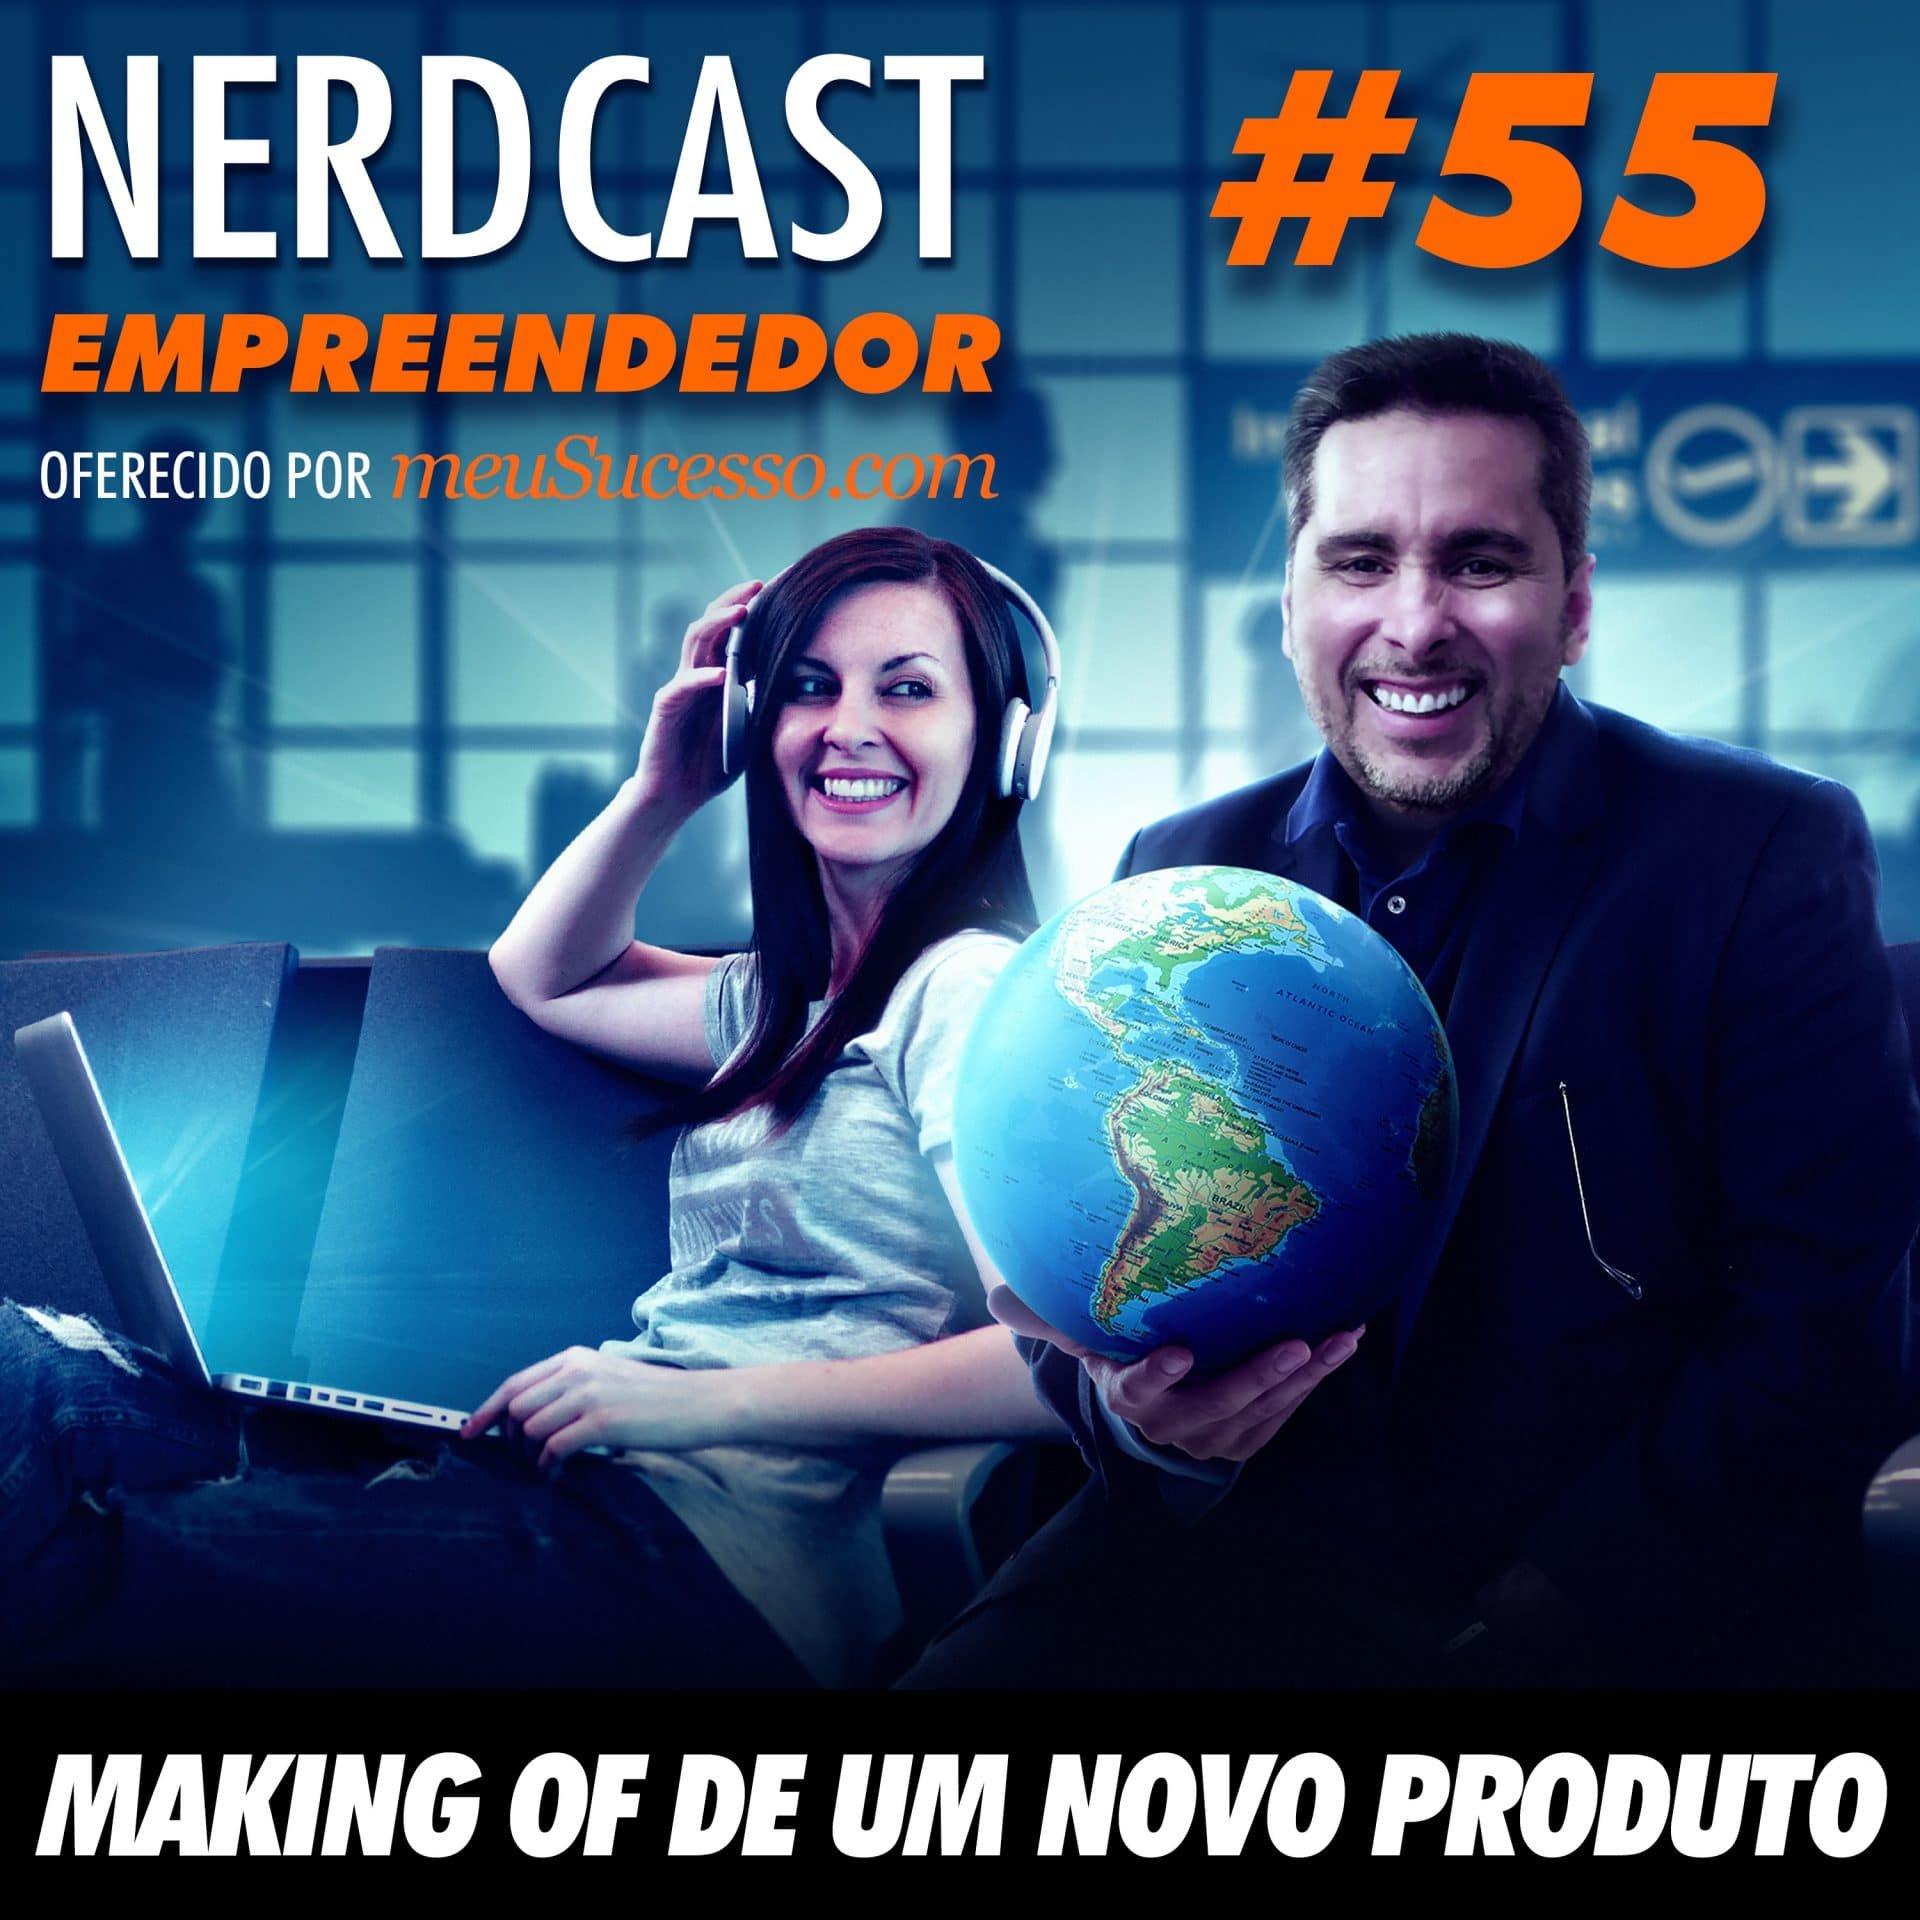 Empreendedor 55 - Making of de um novo produto